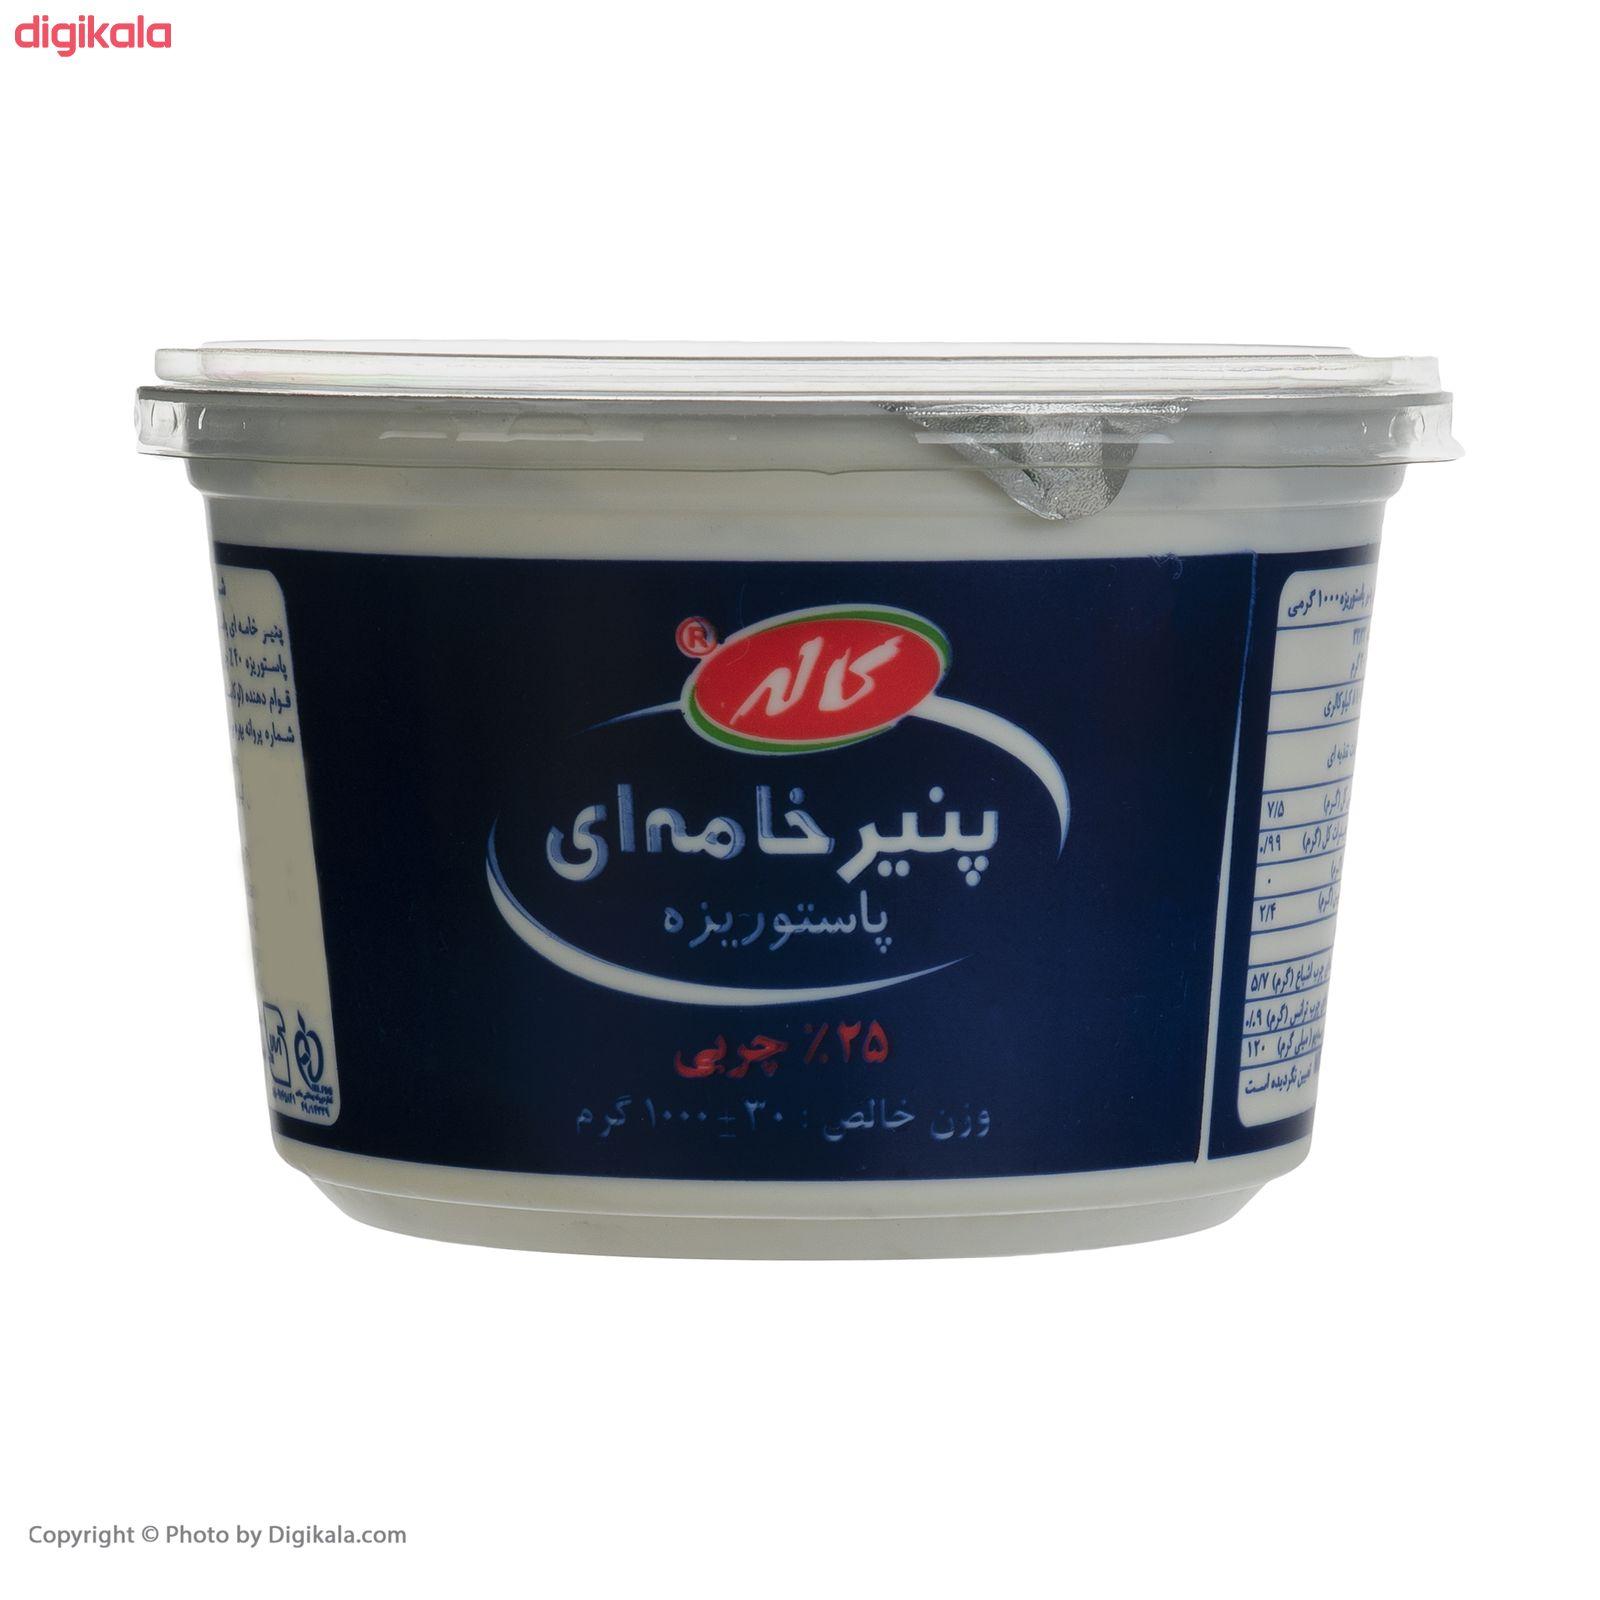 پنیر خامه ای کاله - 1 کیلوگرم main 1 2